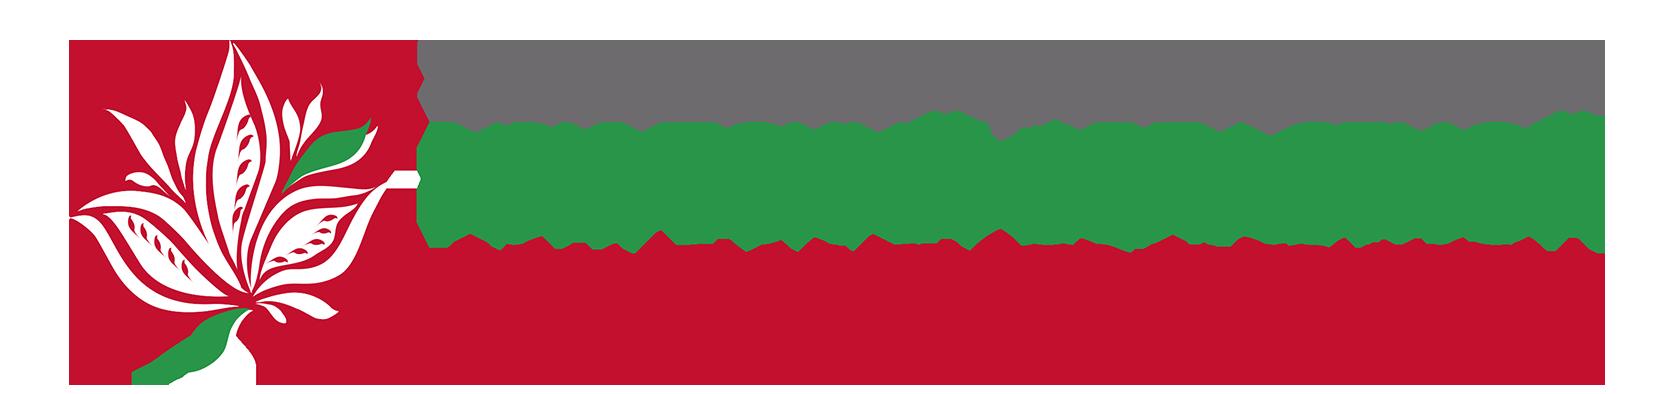 Система подачи заявок на мероприятия — ИОДНТ